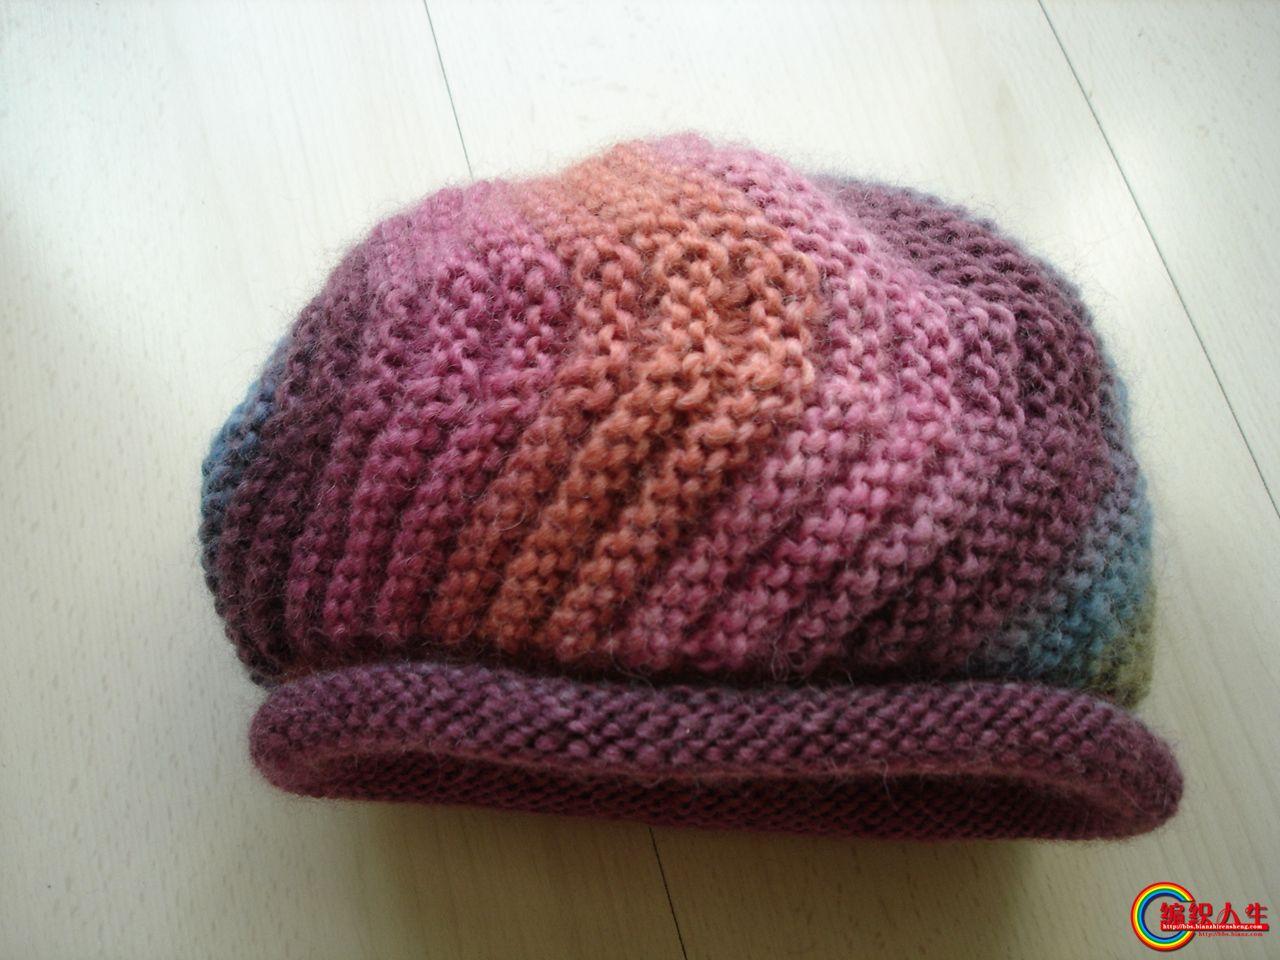 编织人生怎样织帽子_第一次编织帽子现丑啦_编织人生论坛